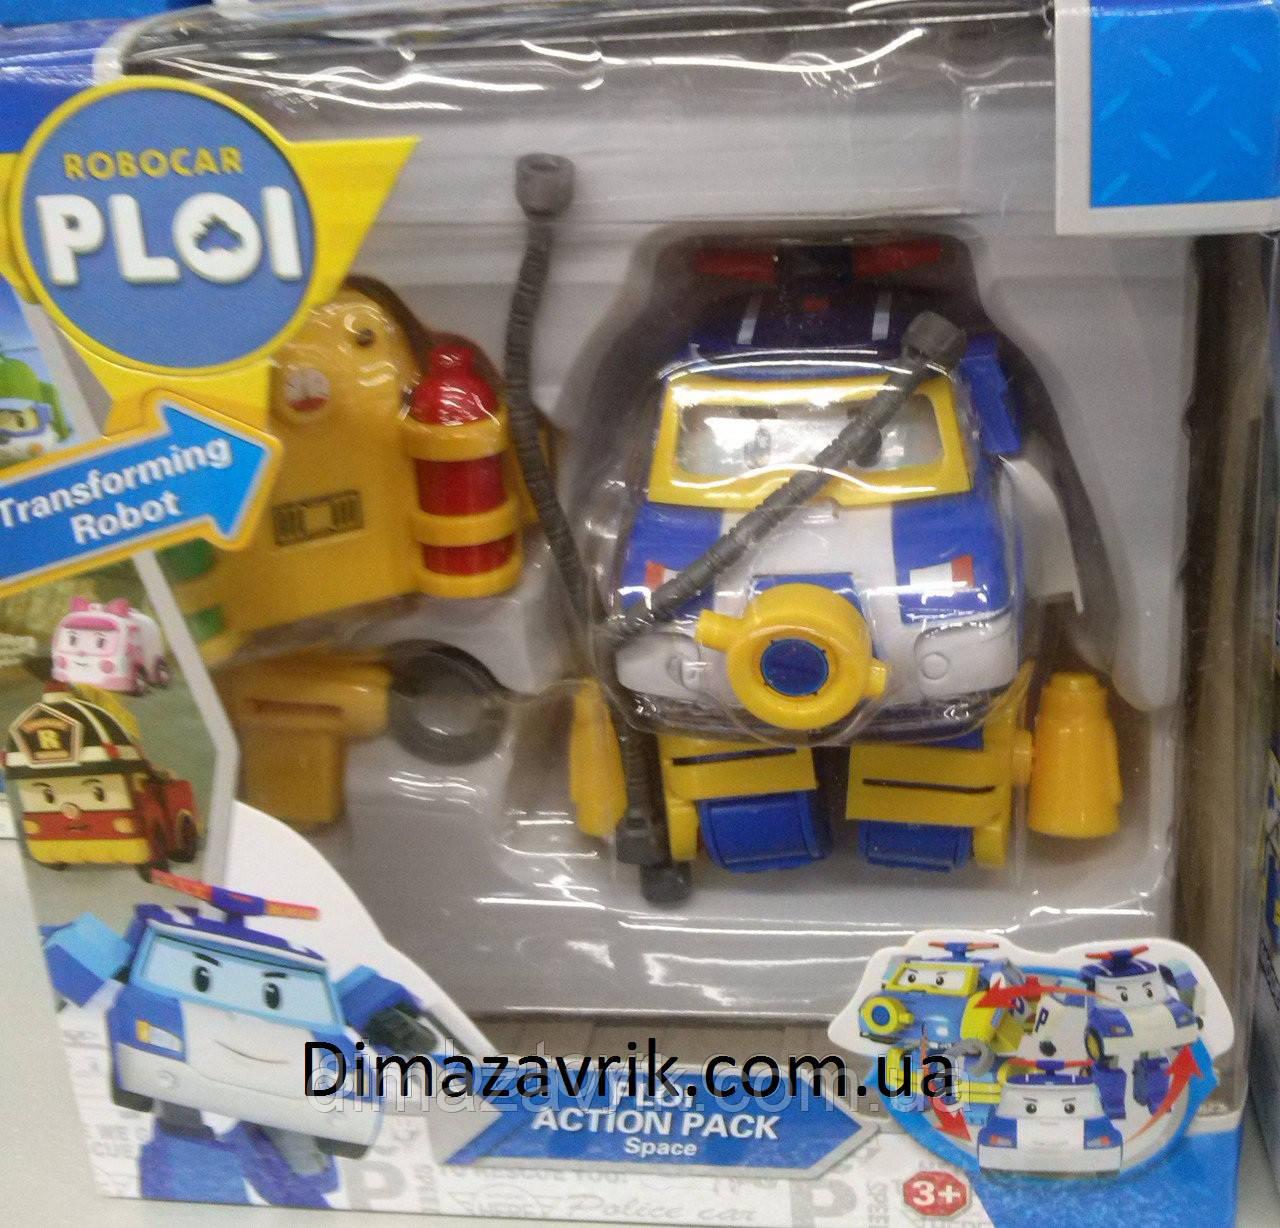 Трансформер Полицейская Машина Робокар Поли с Аксессуарами